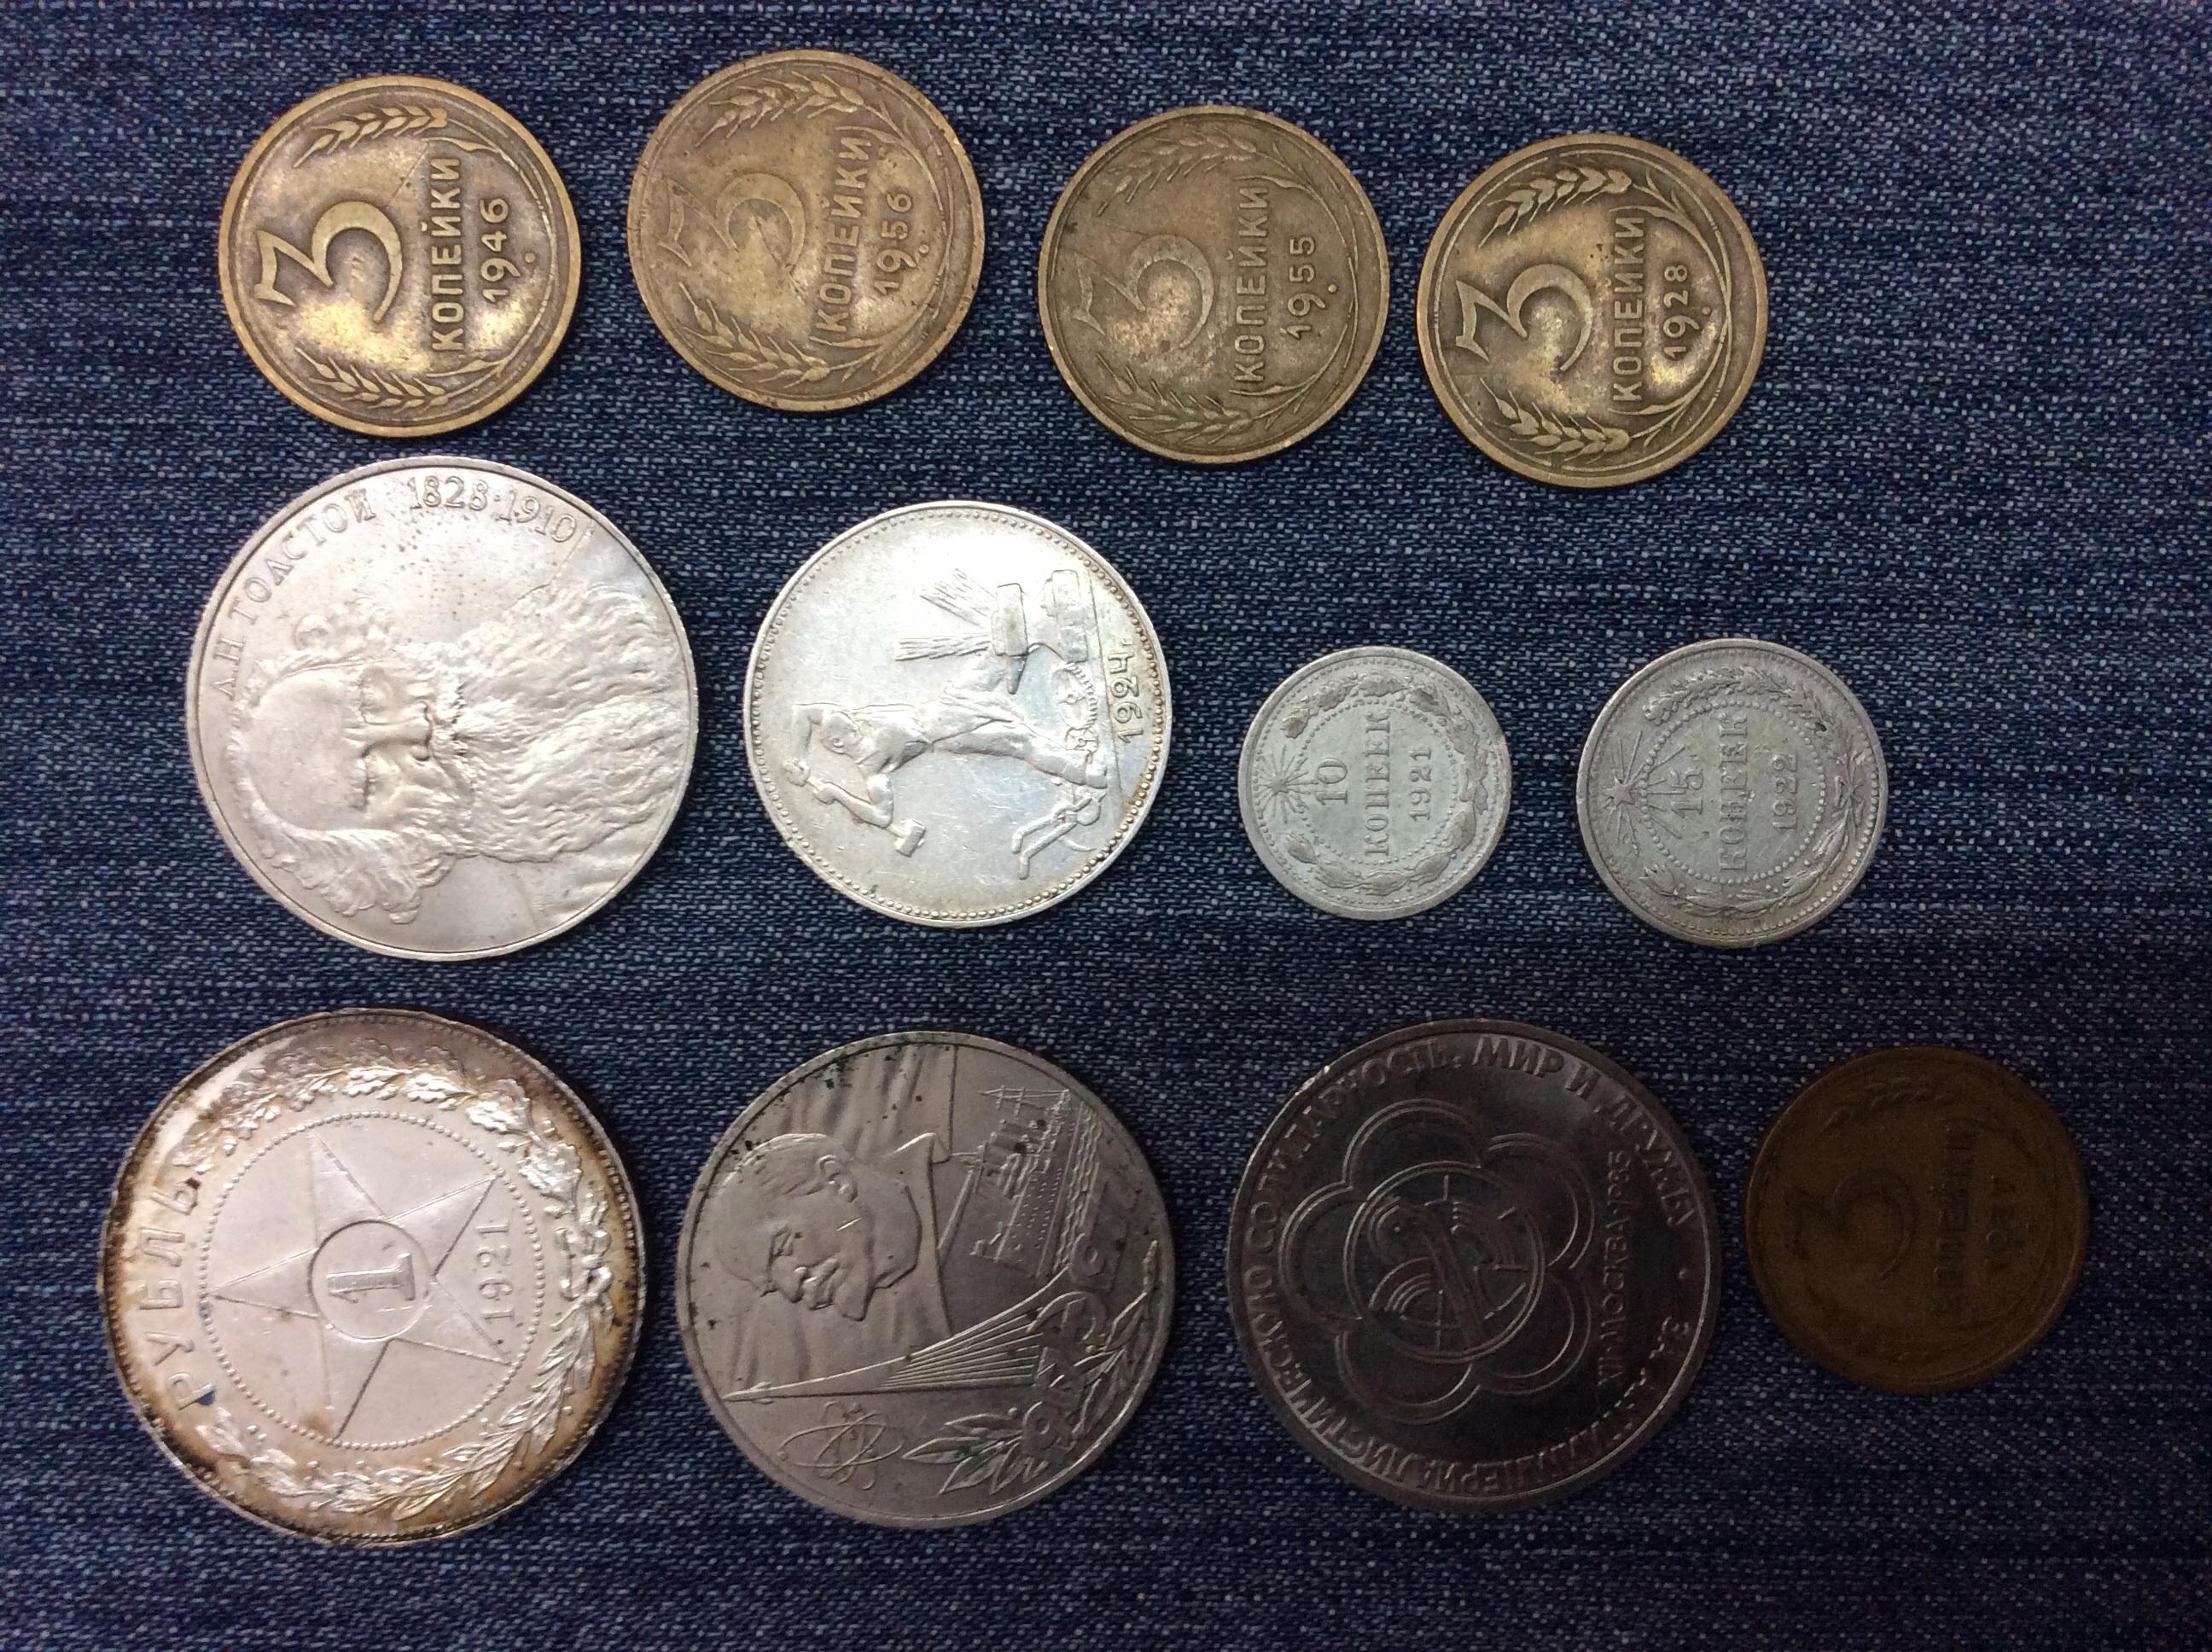 Лучший сайт для продажи монет сколько стоит 1 рубль 1987